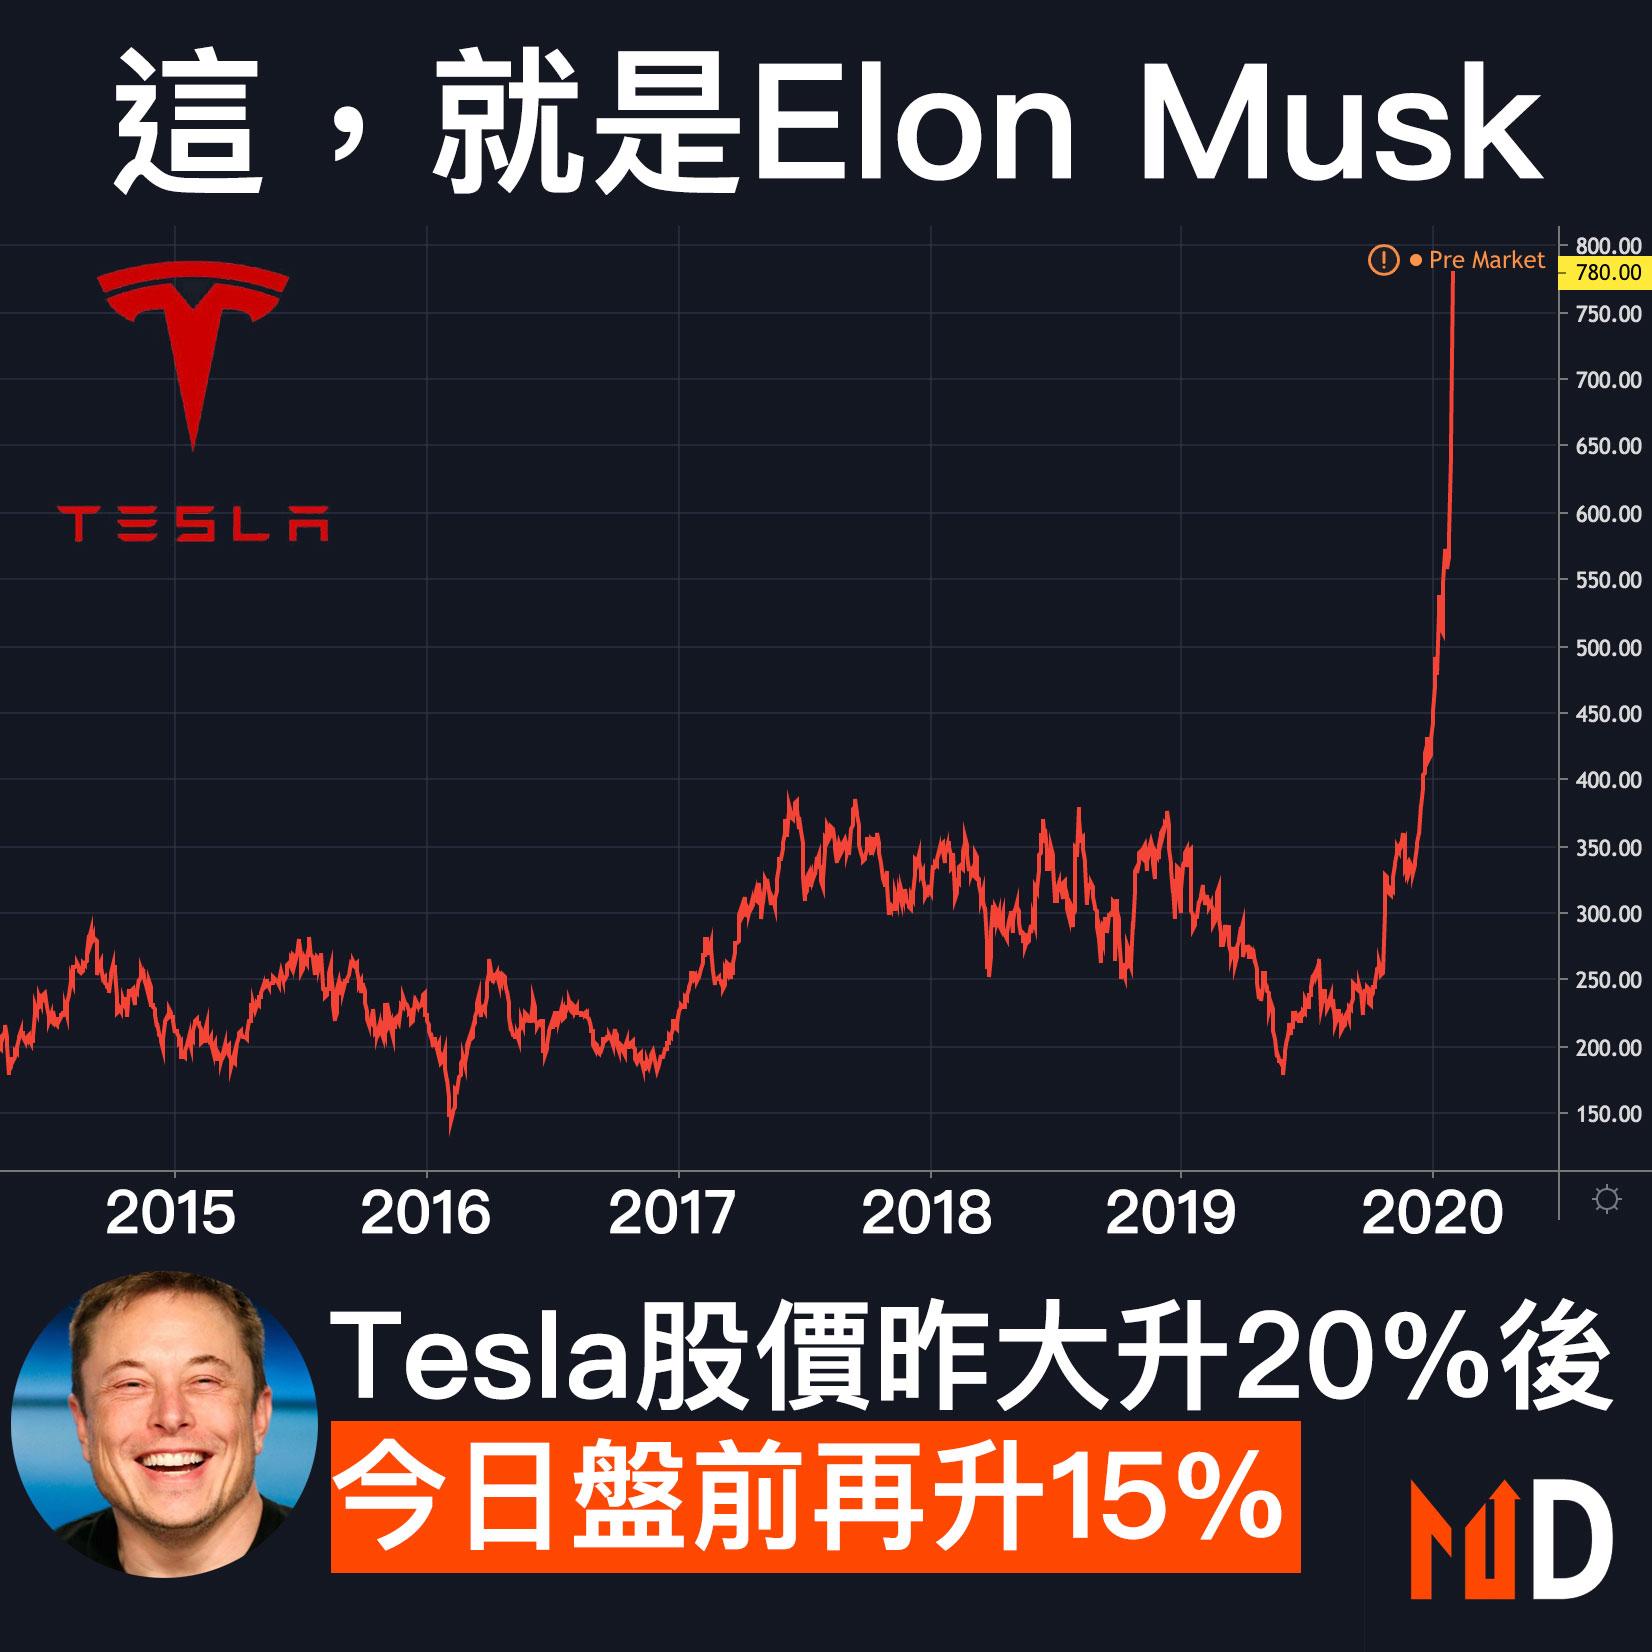 【市場熱話】Tesla股價昨大升20%後,今日盤前再升15%